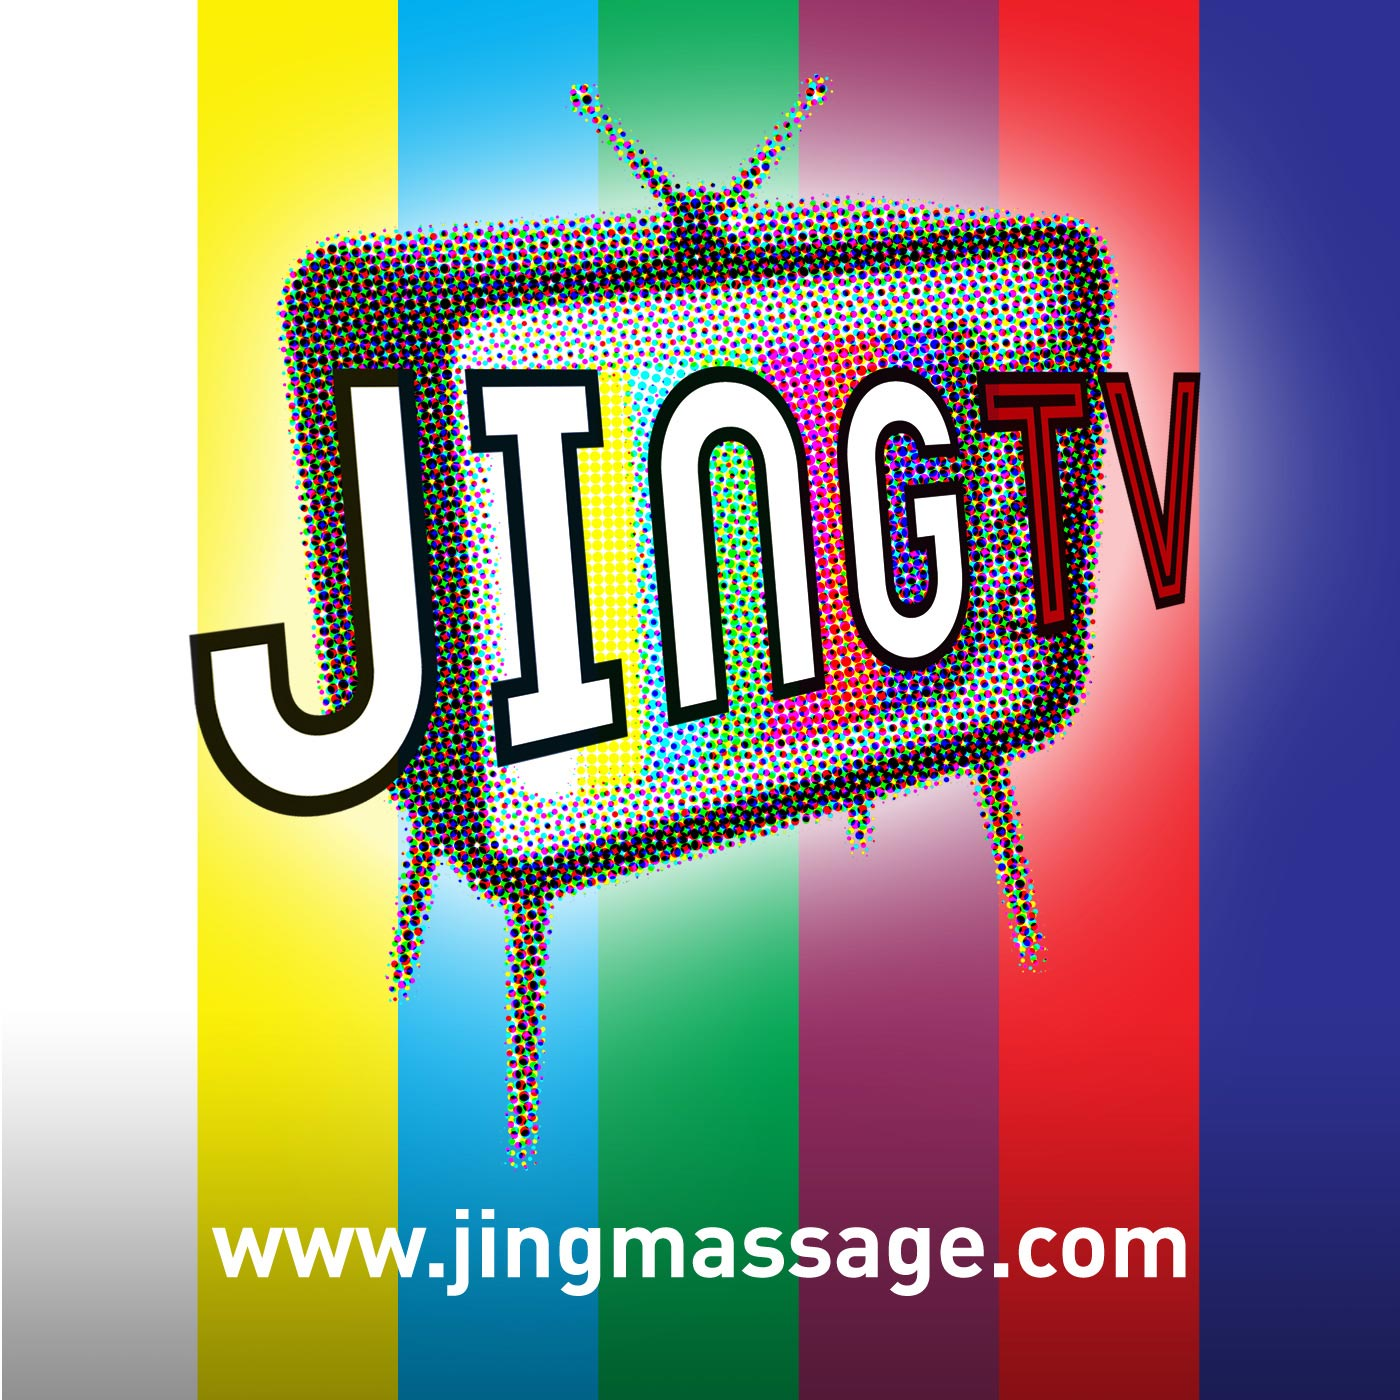 Jing Advanced Massage Training